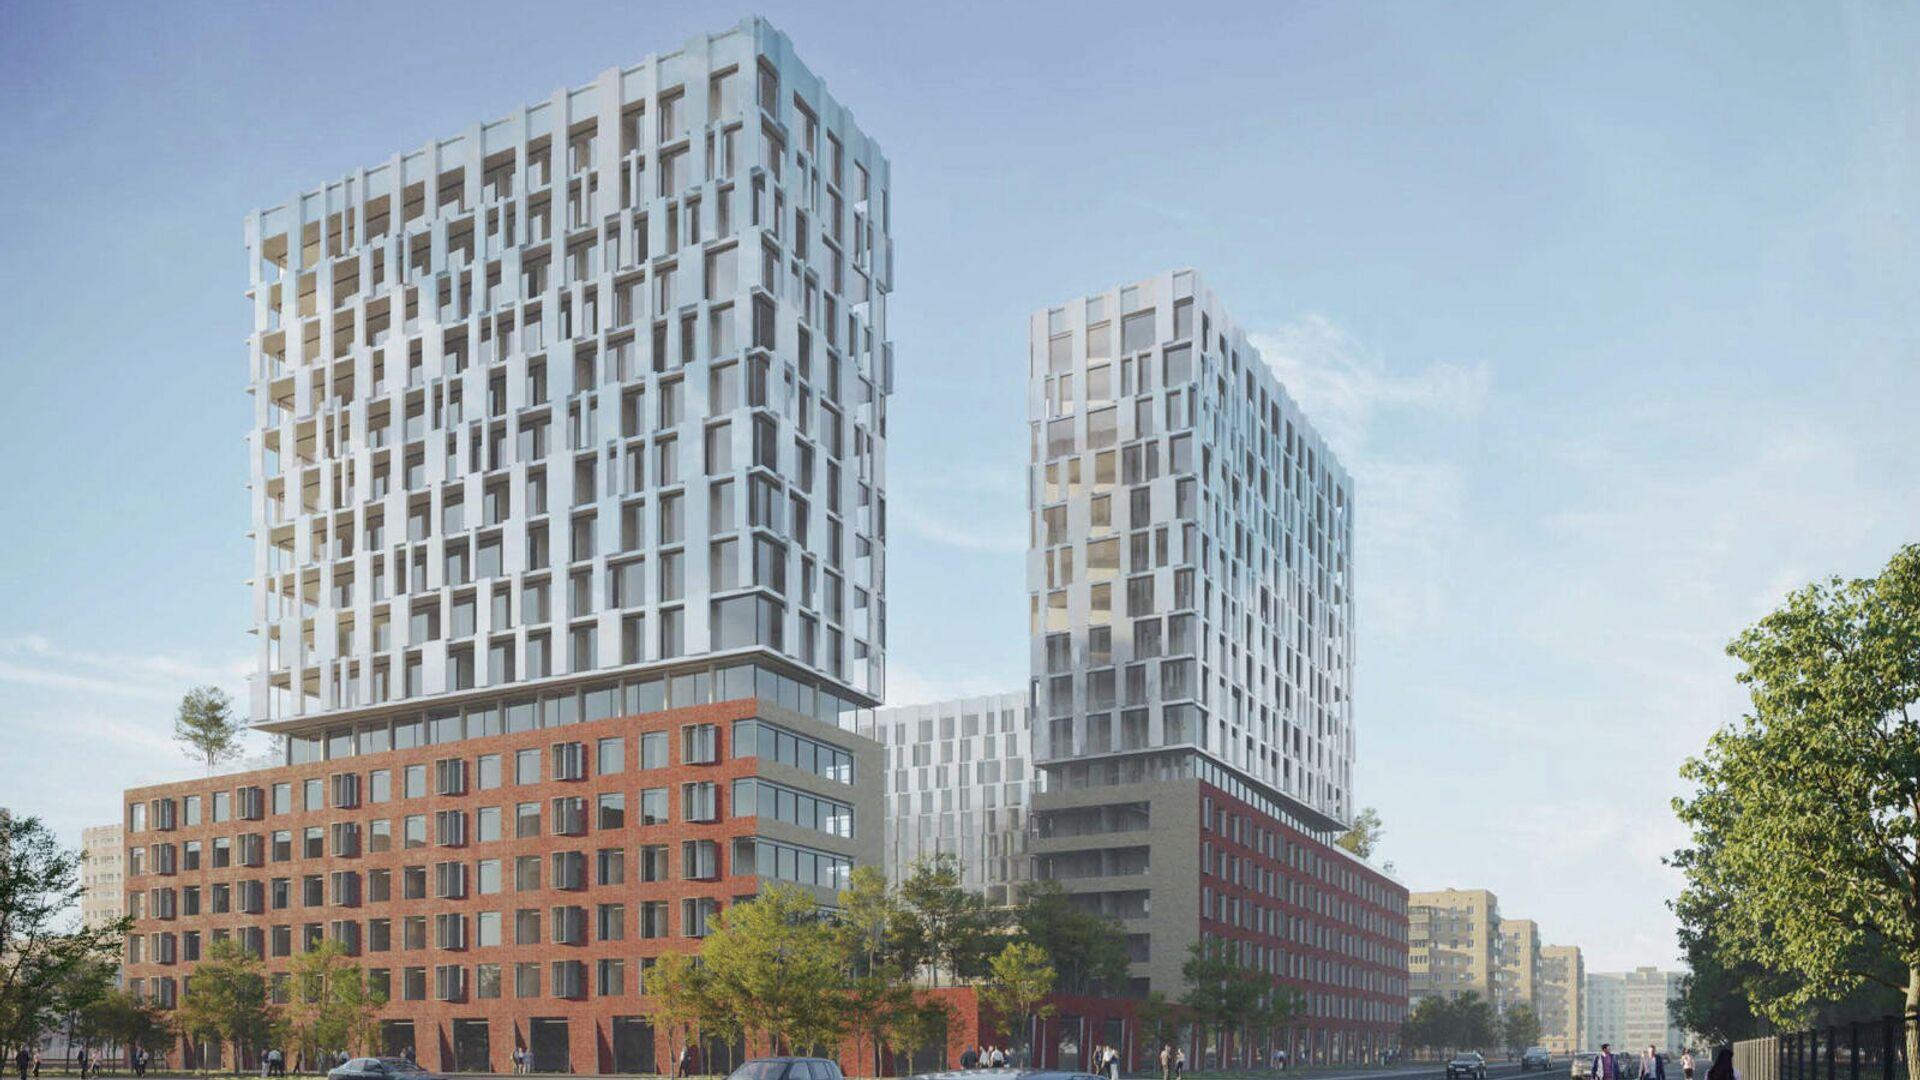 Проект Гинзбург и архитекторы + ODA + External Referens для программы реновации в Москве - РИА Новости, 1920, 09.06.2021